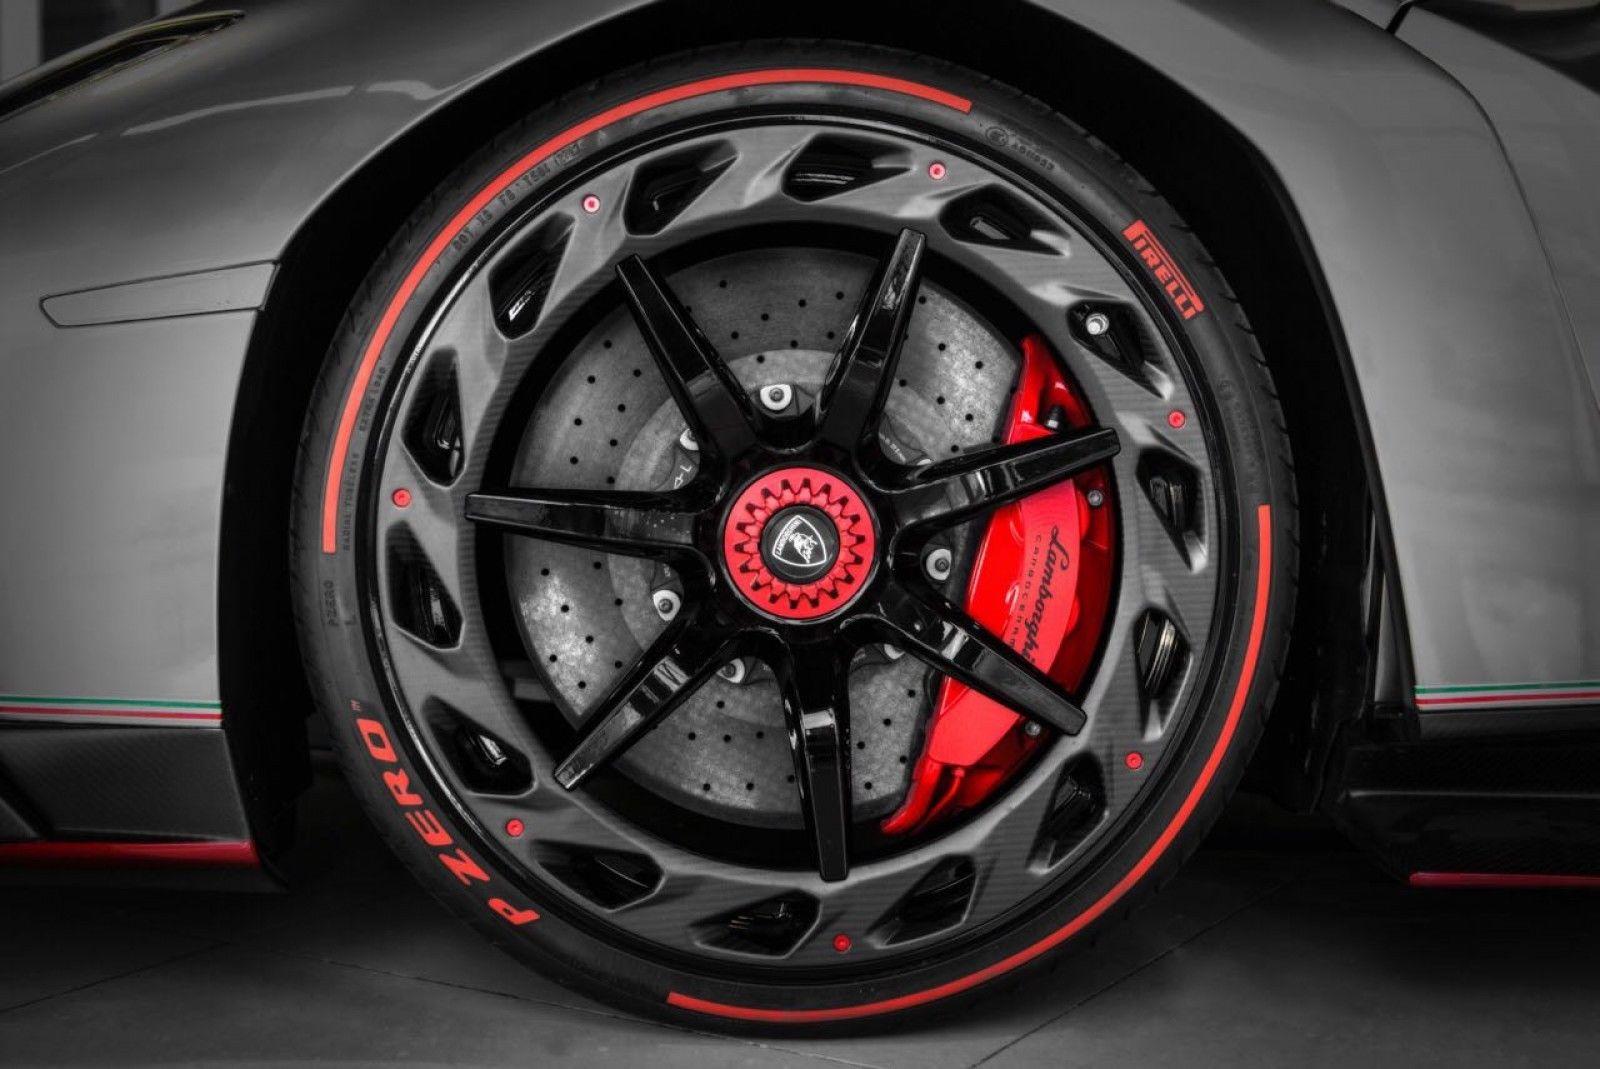 Practically New Lamborghini Veneno Up For Sale